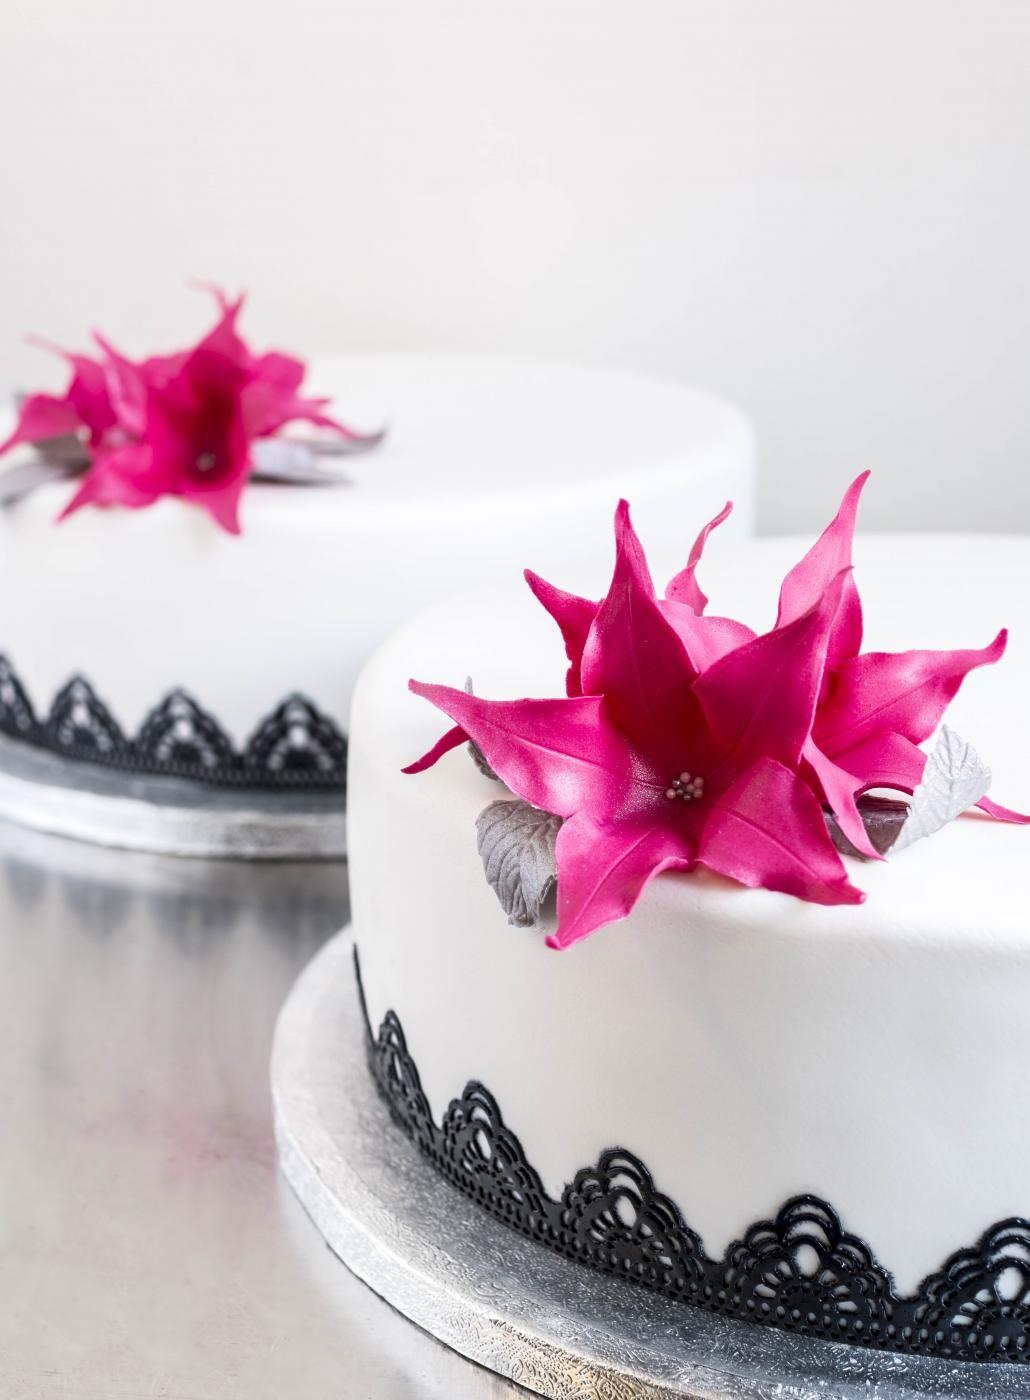 Hääkakku  ja pinkit kukkakoristeet // Wedding Cake & Pink Flowers Food & Style Emma Iivanainen, Painted By Cakes Photo Emma Iivanainen www.maku.fi